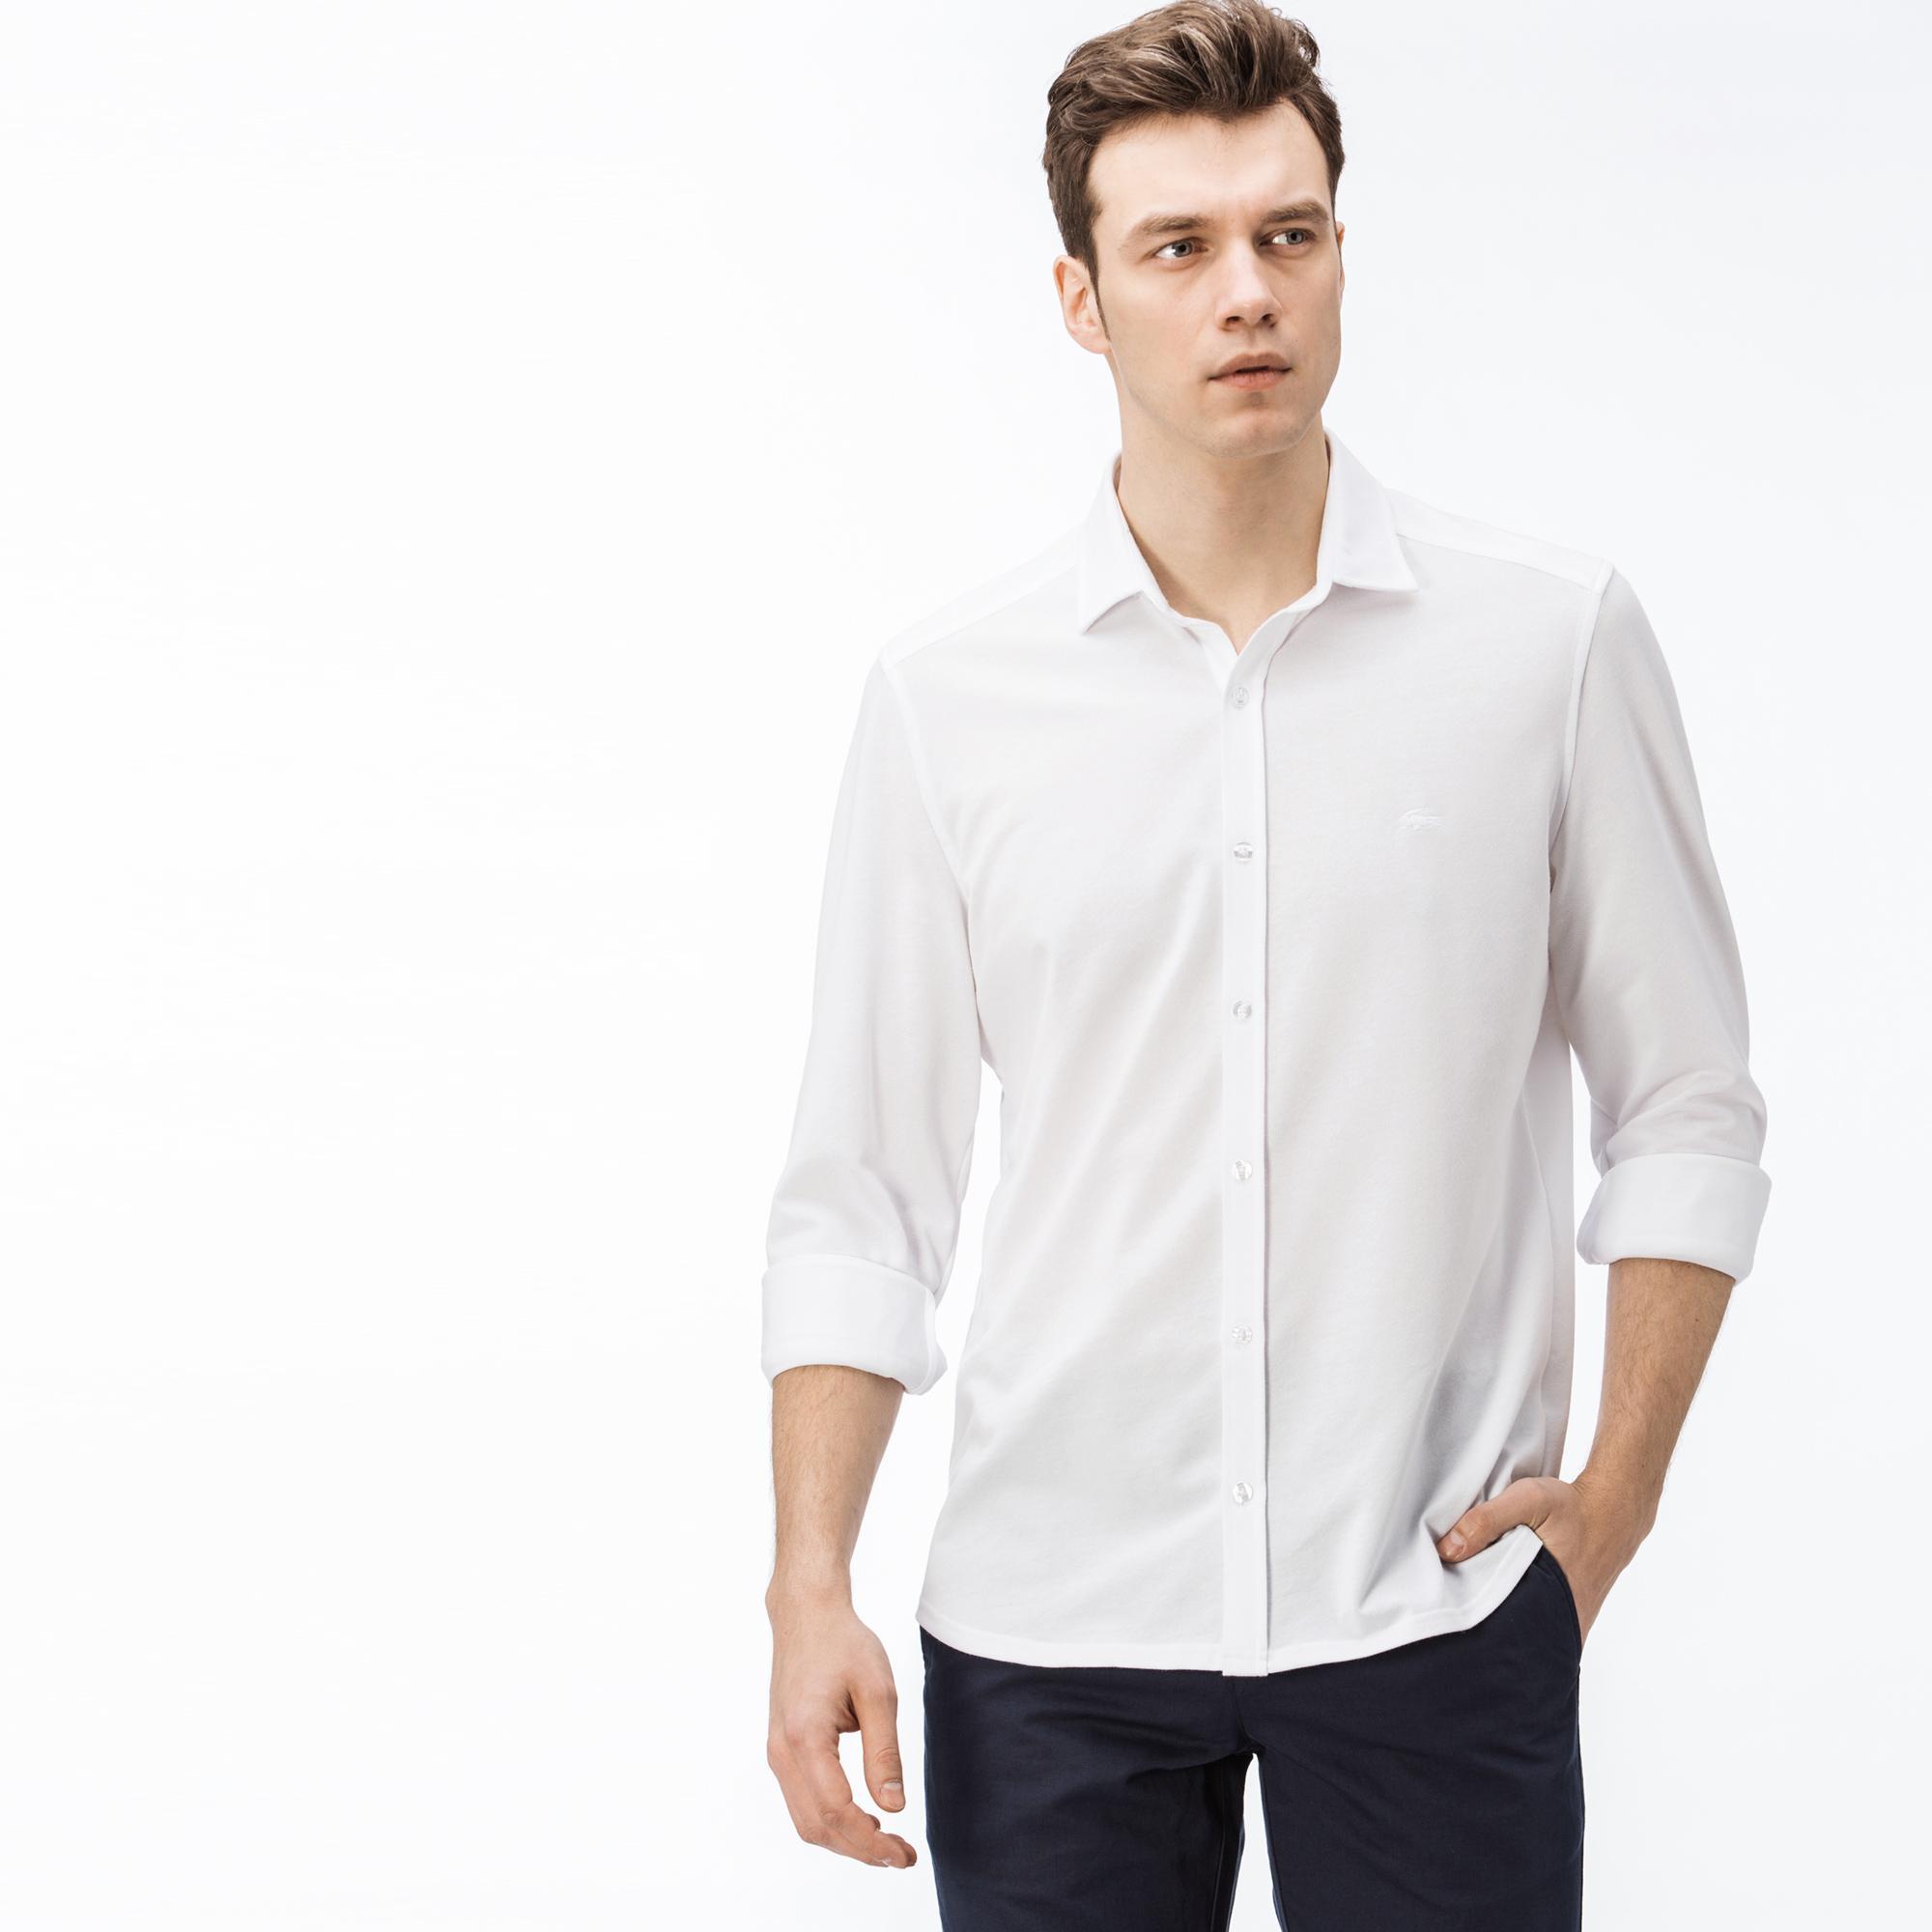 Рубашка LacosteРубашки<br>Детали: отложной воротник;\Вышитый логотип Lacoste в тон изделия\Материал: 55% хлопок 45% полиэстер